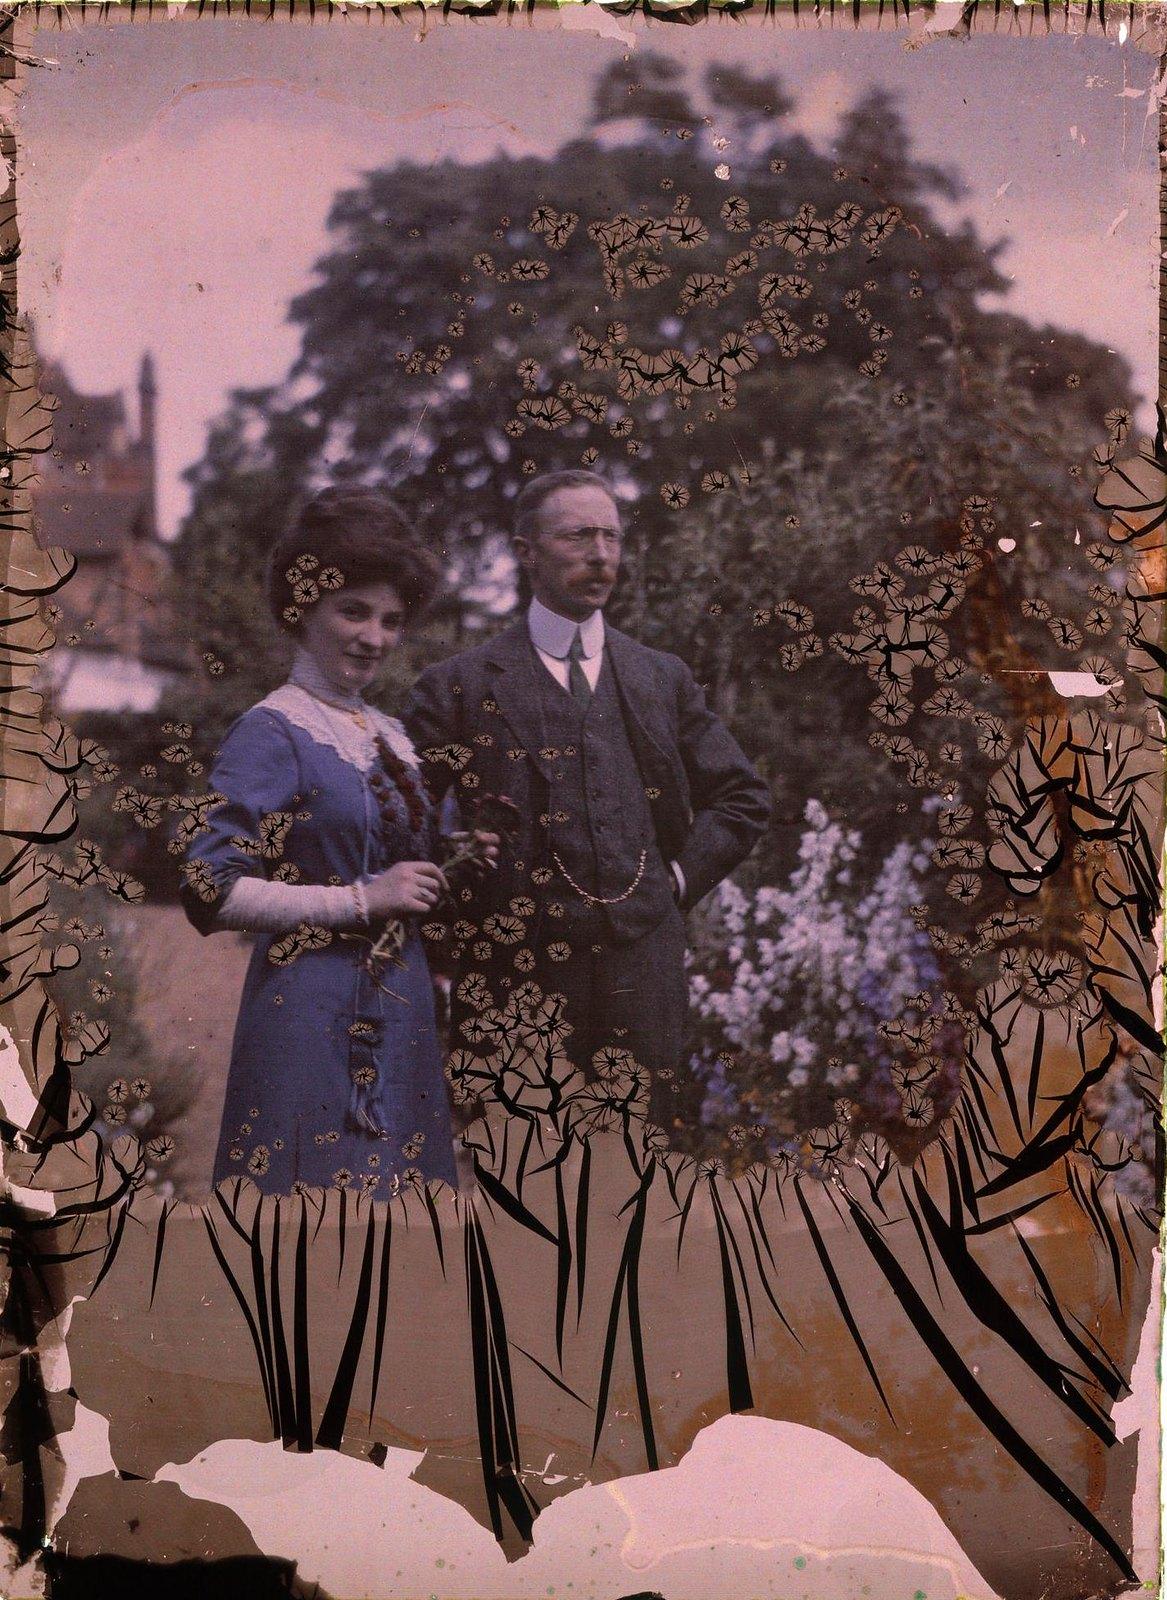 1911. Сэр Уильям Гершель в саду обсерватории